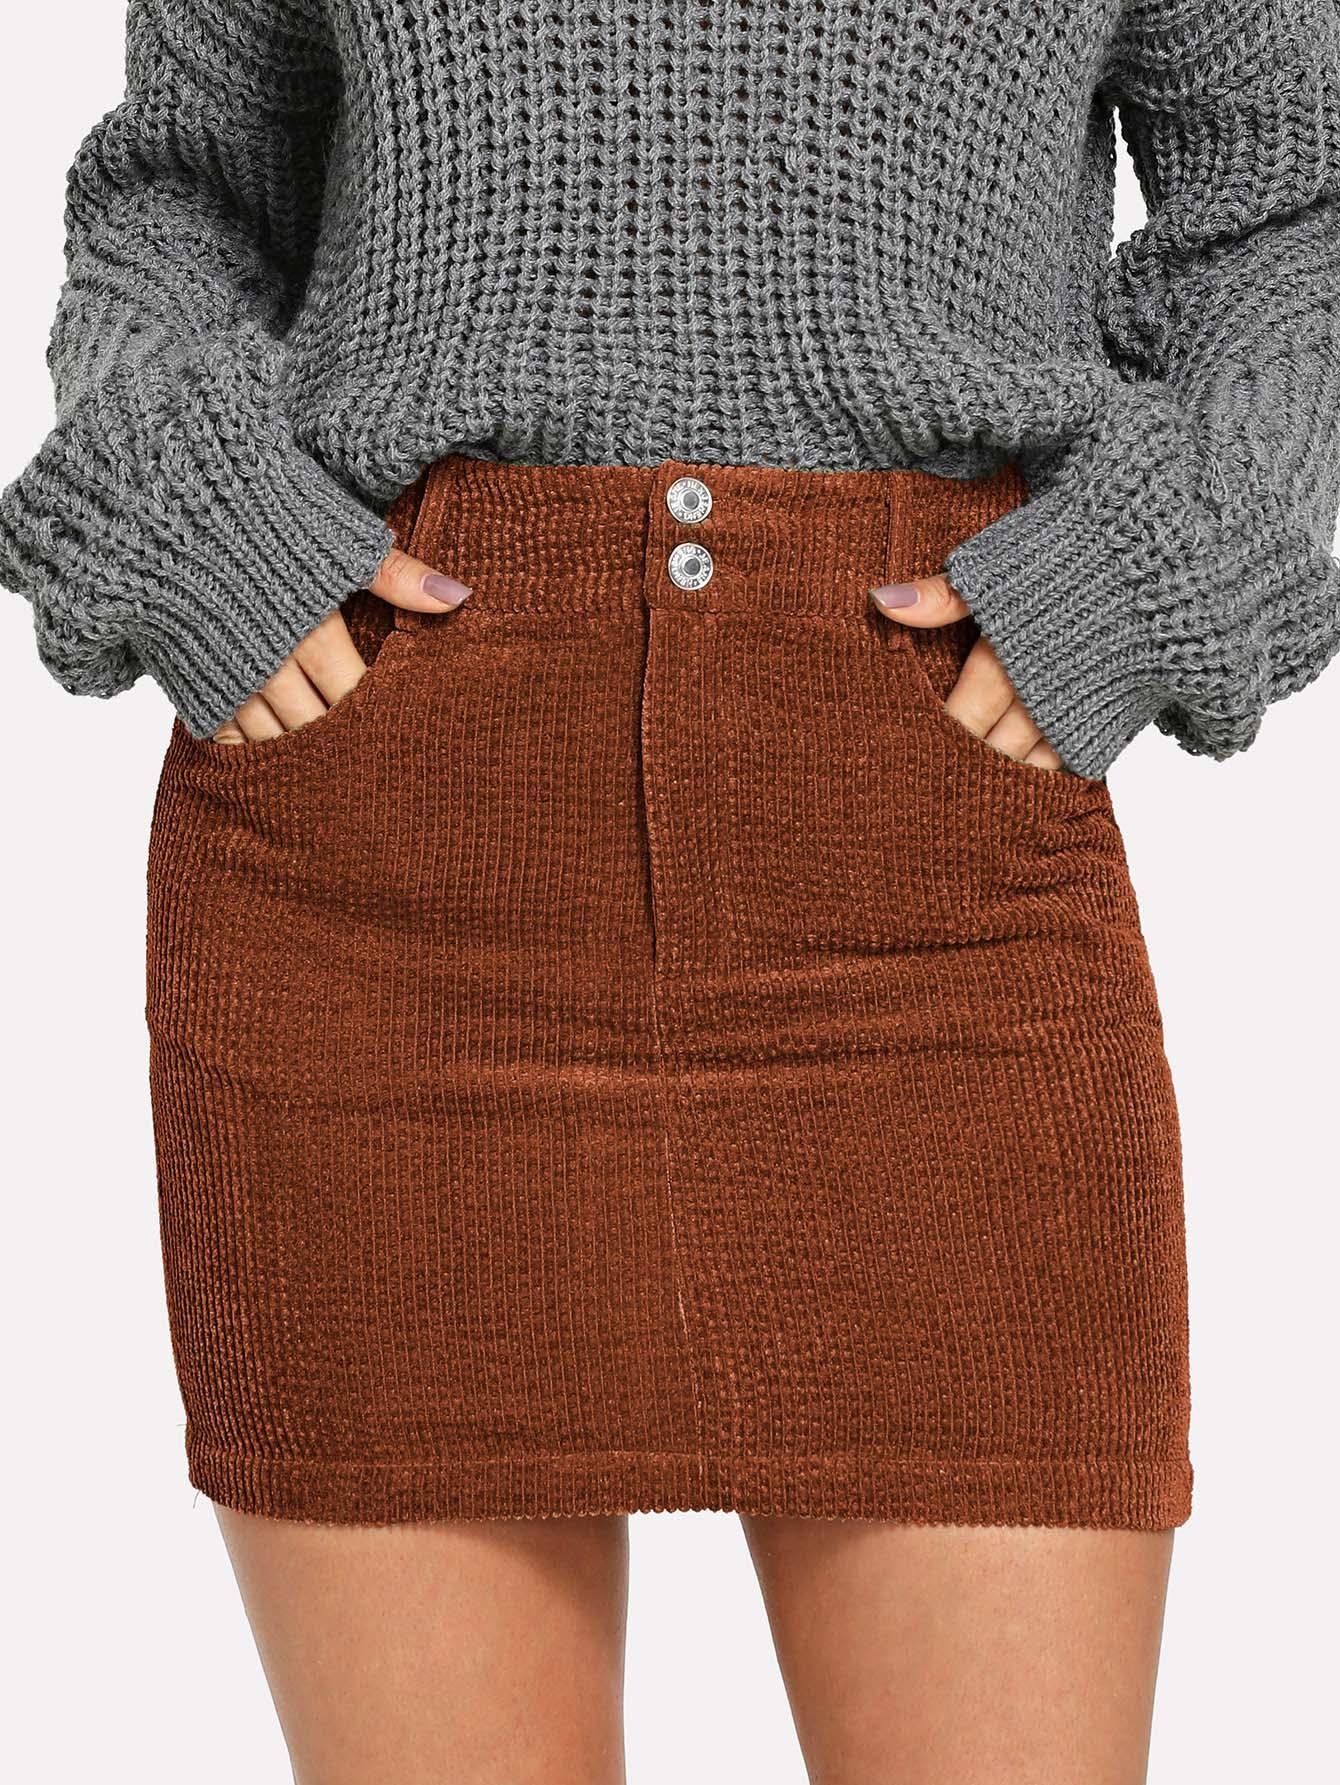 Облегающая юбка с пуговицами и карманом, Andy, SheIn  - купить со скидкой